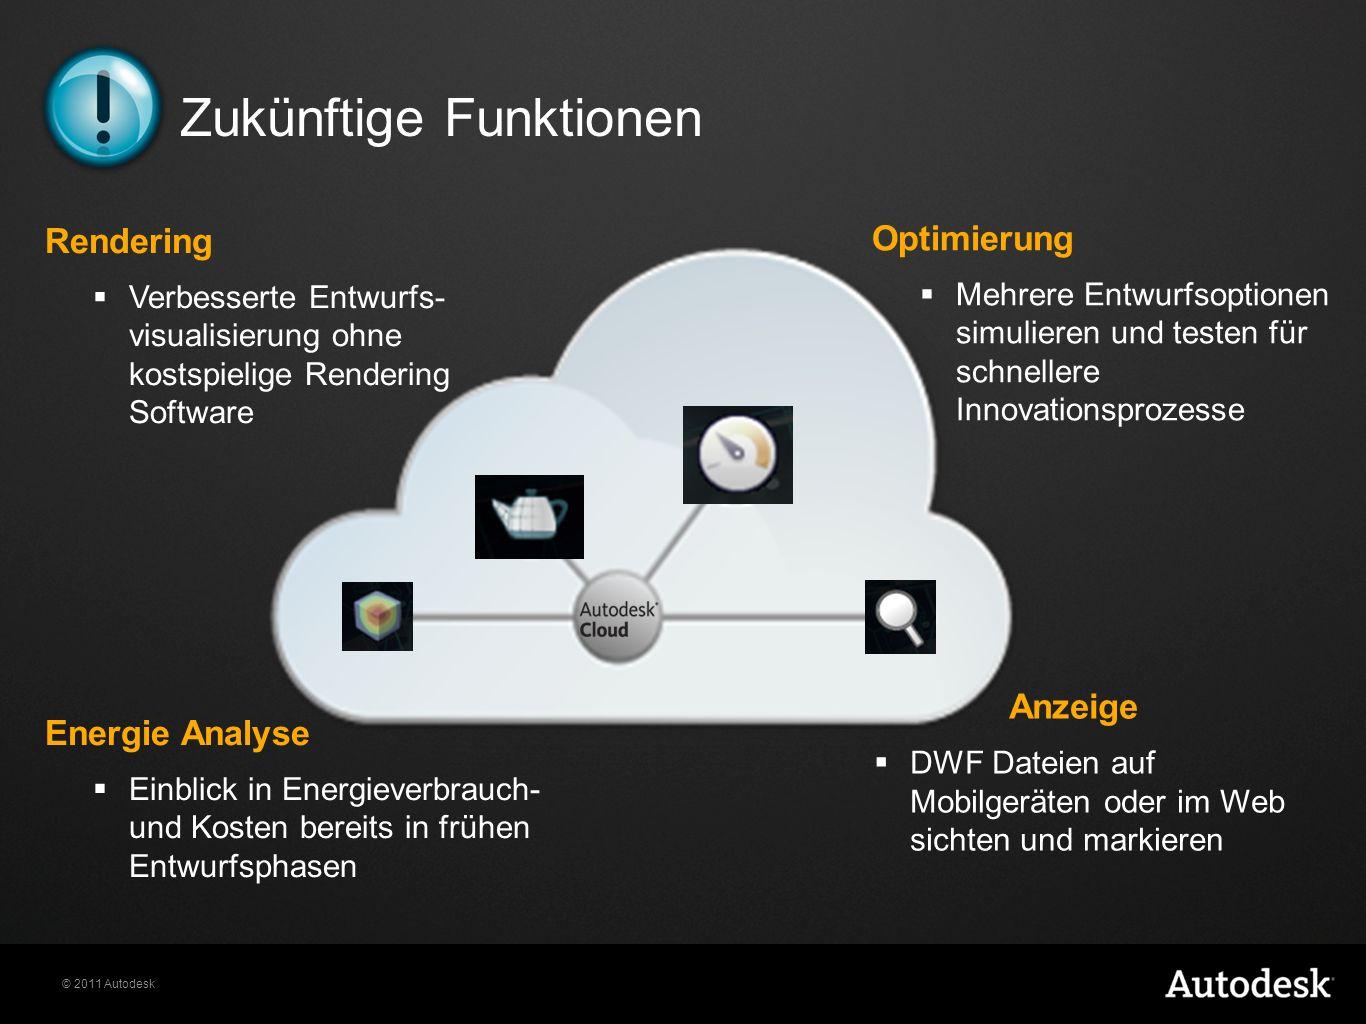 © 2011 Autodesk Zukünftige Funktionen Rendering Verbesserte Entwurfs- visualisierung ohne kostspielige Rendering Software Optimierung Mehrere Entwurfs